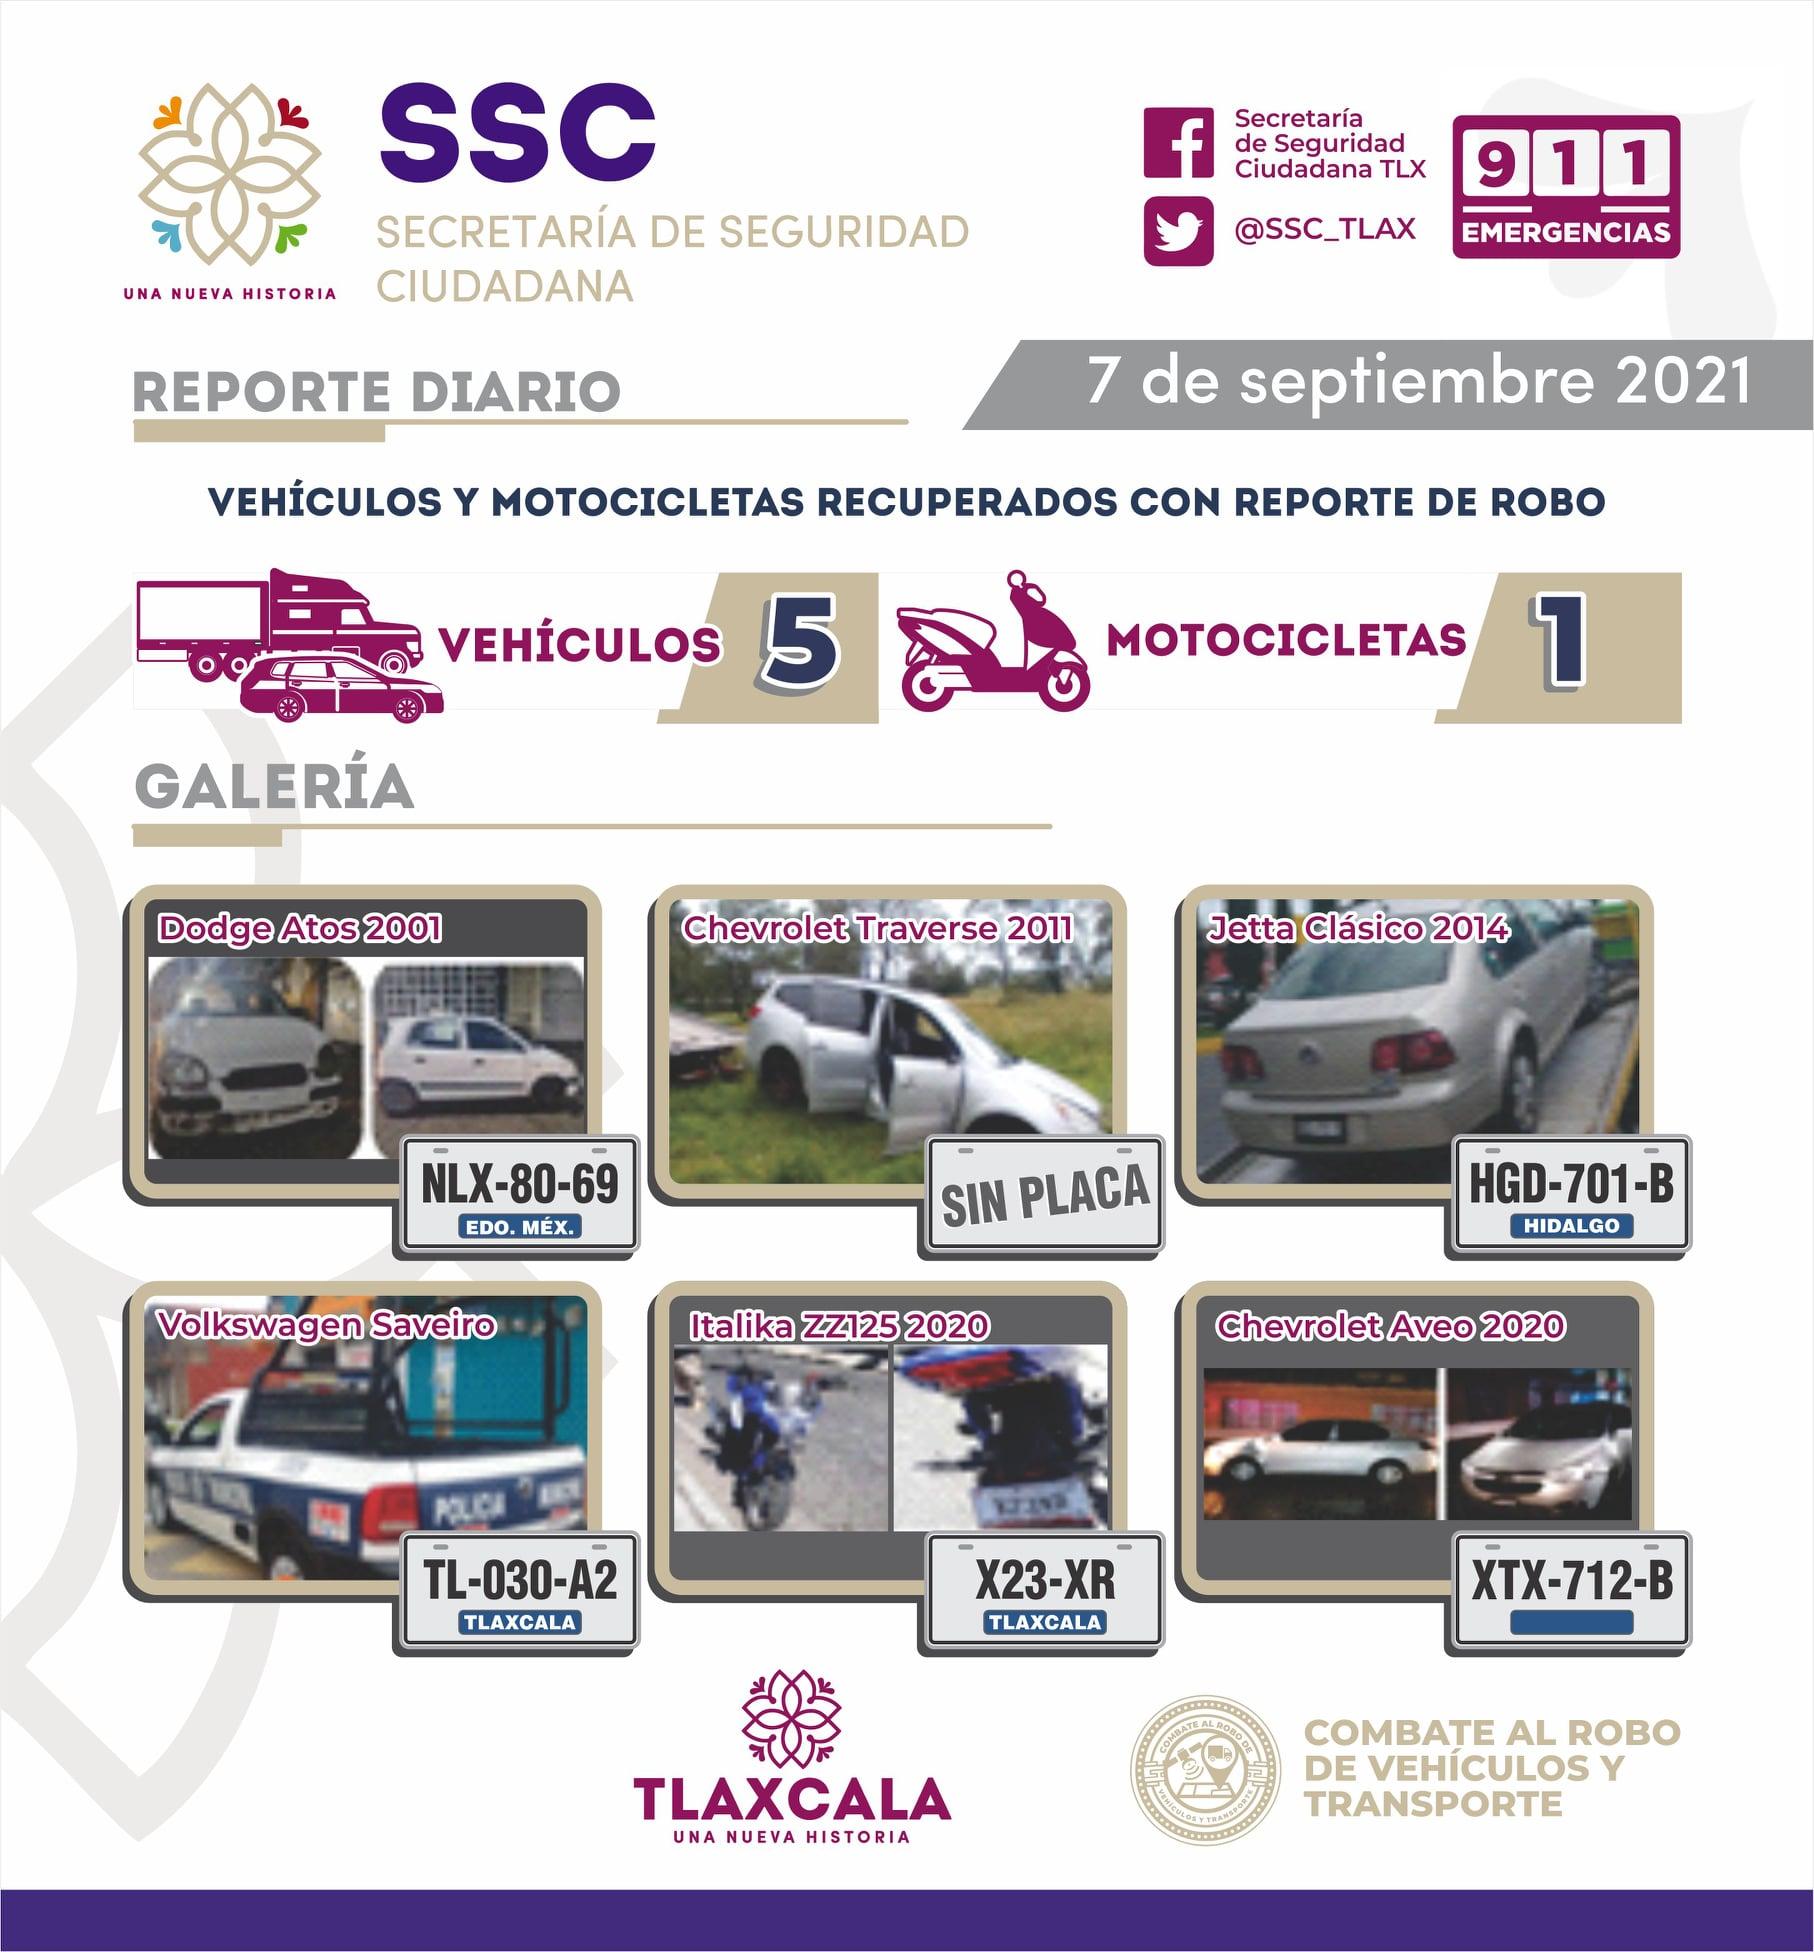 La SSC mantiene acciones contra el robo de vehículos